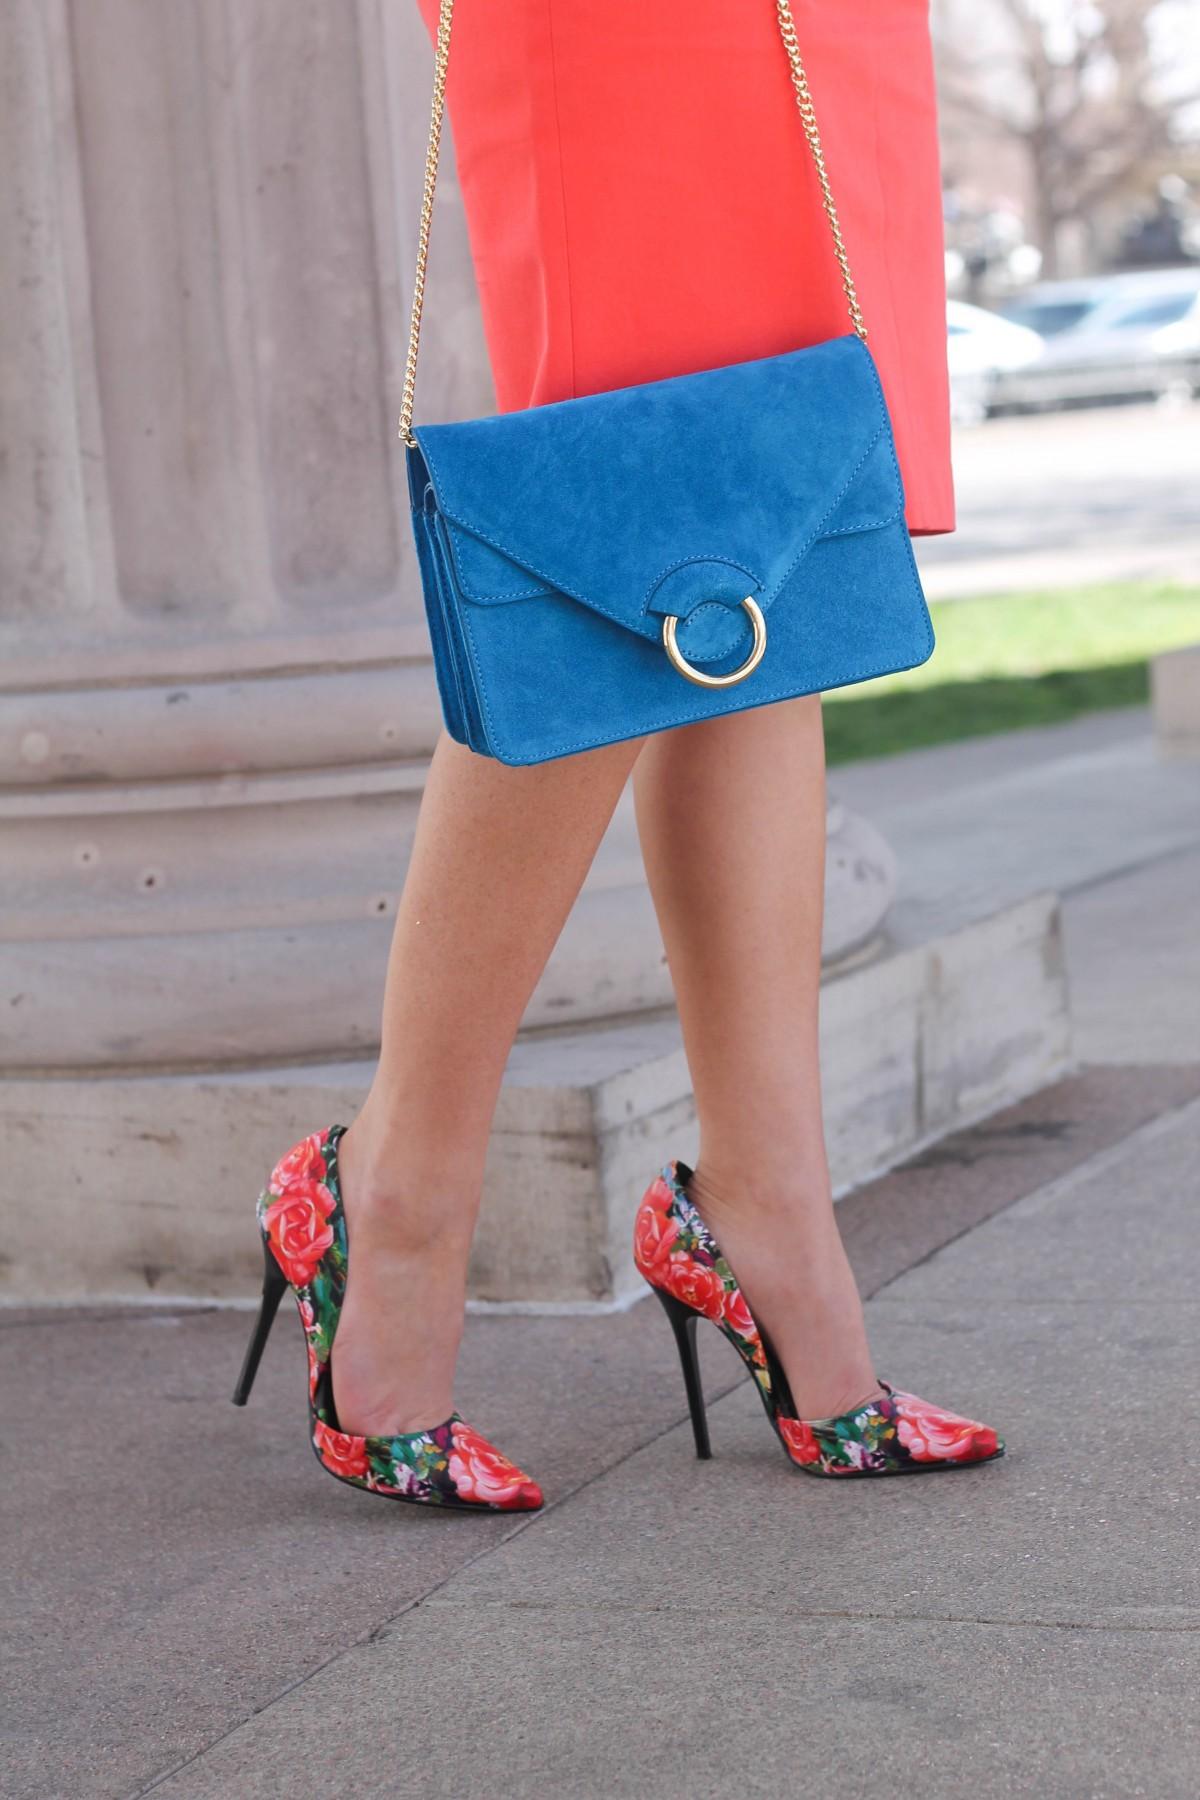 floral print pumps turquoise bag